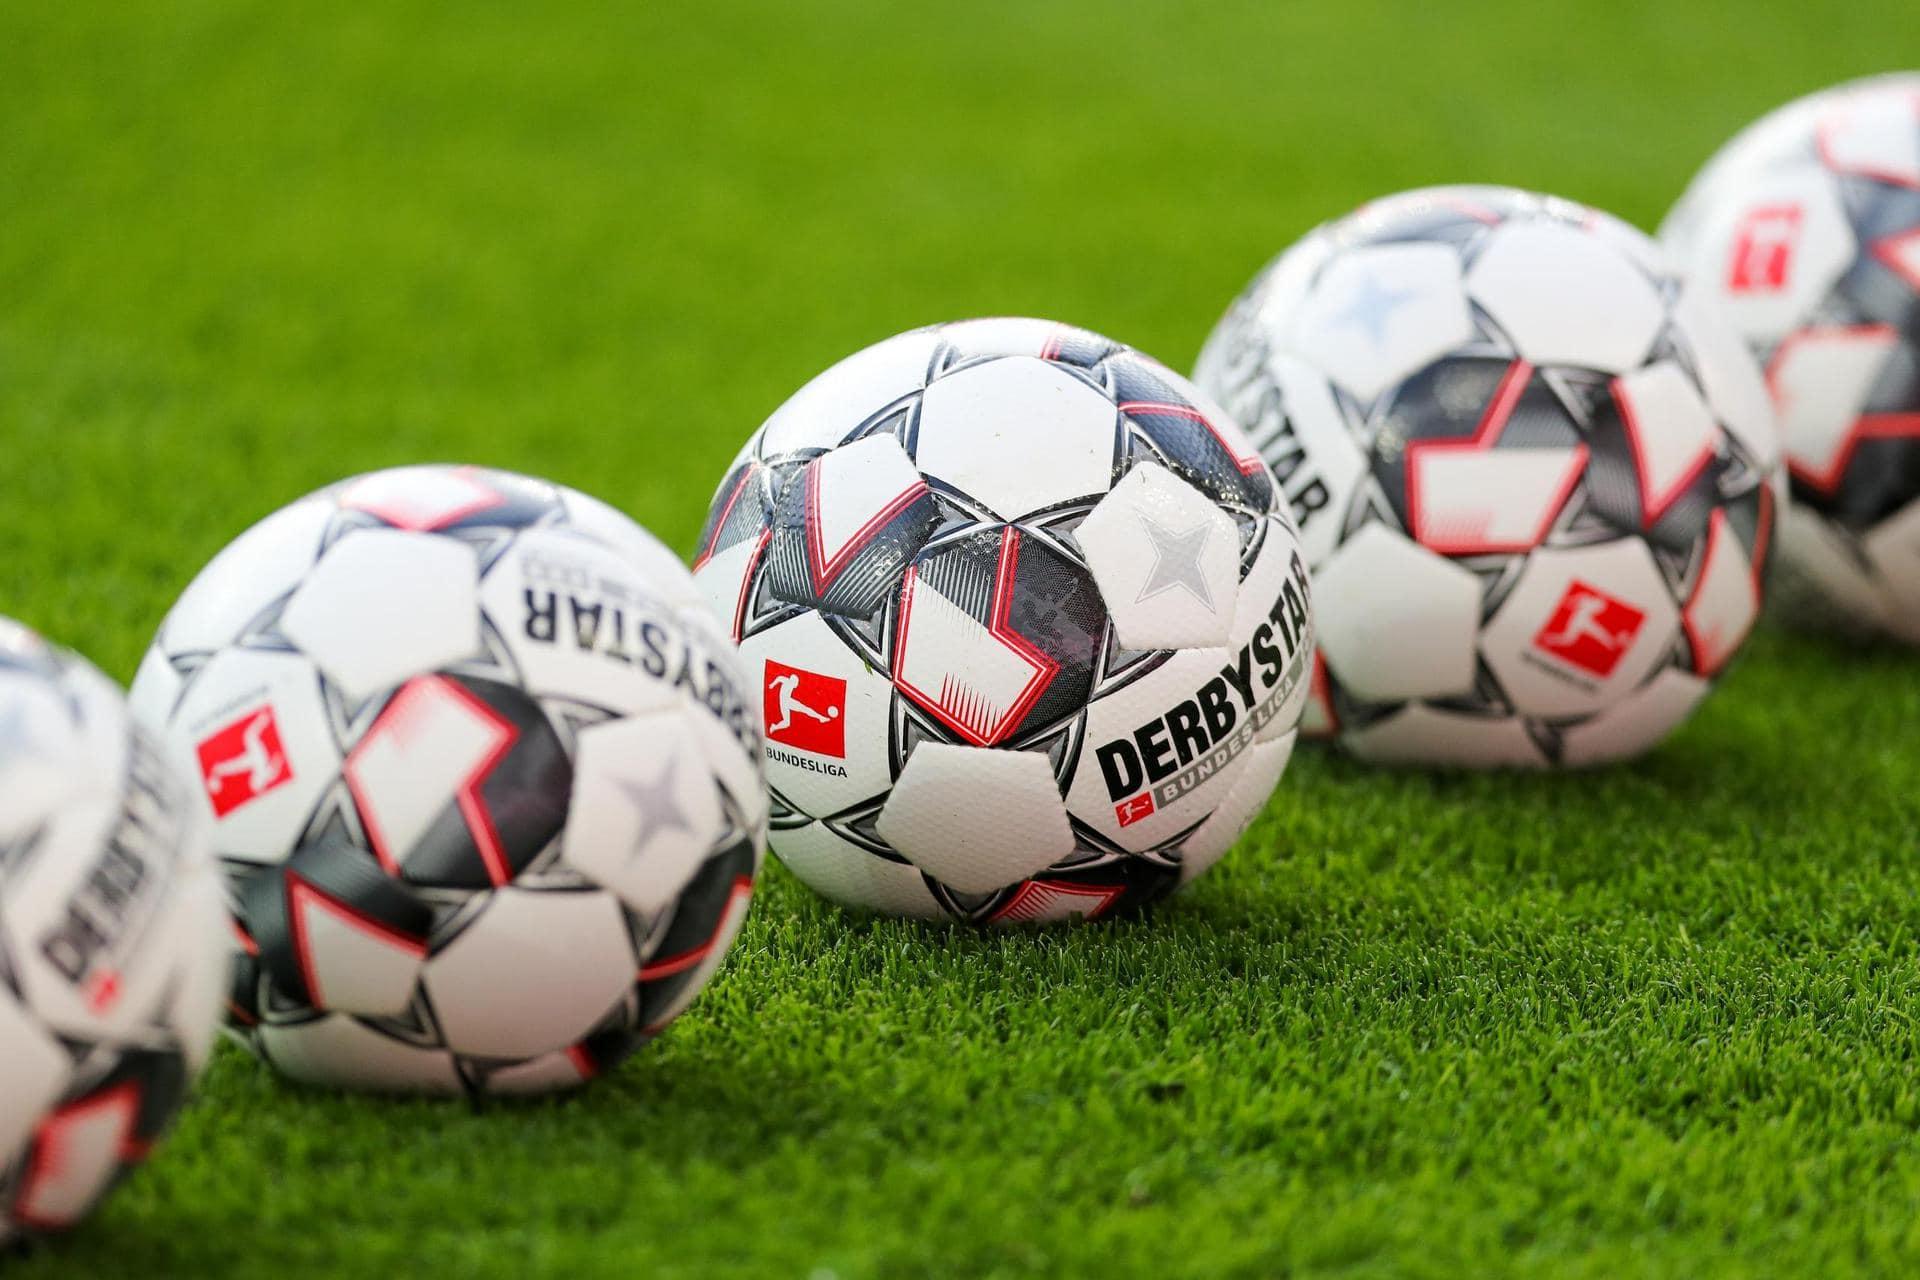 München behält Spiele als Mit-Gastgeber Fußball-EM